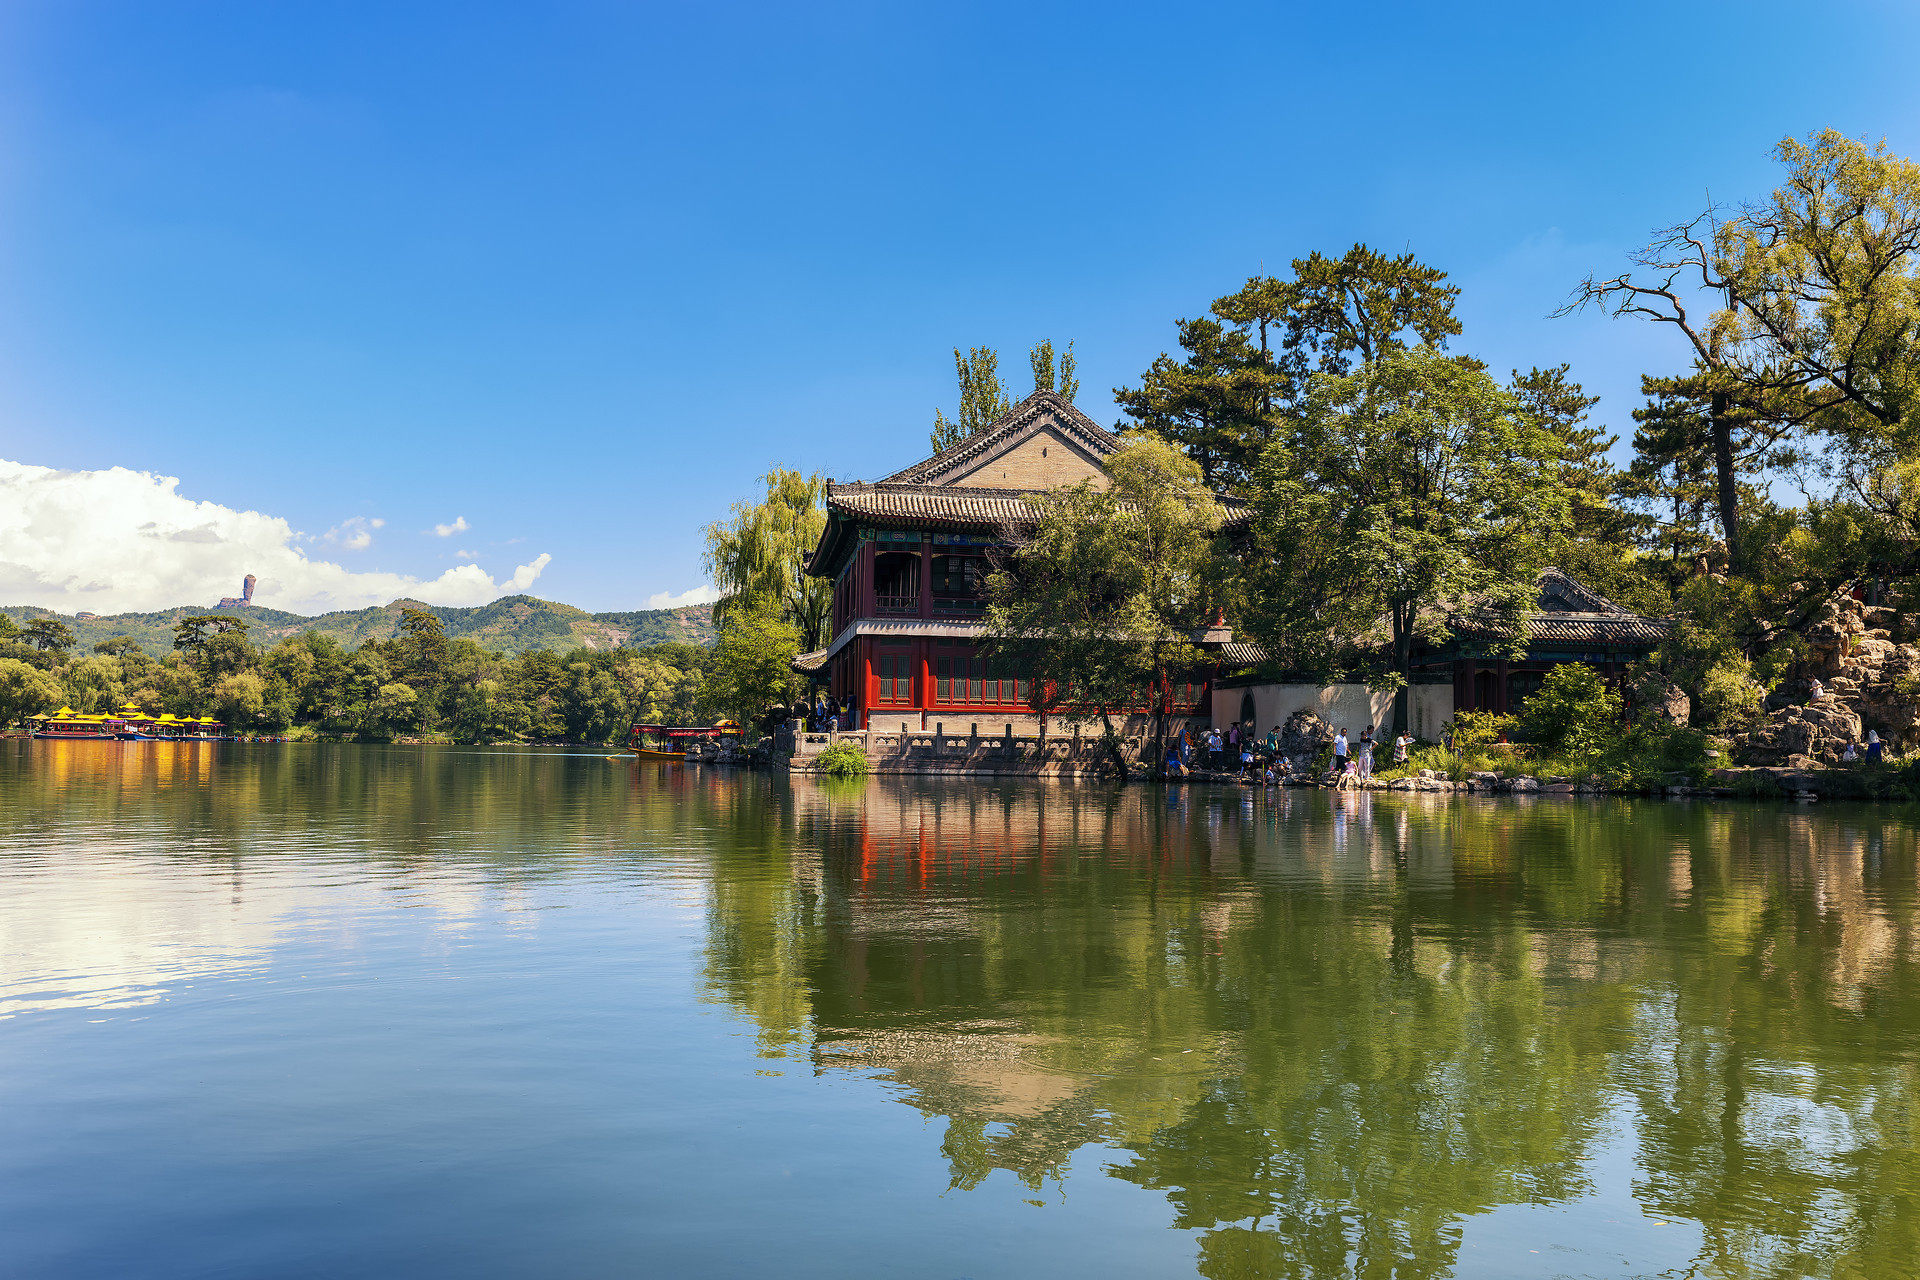 苏州园林的四大名园_中国四大名园,最年轻的已有268岁,全都是世界遗产_北京颐和园